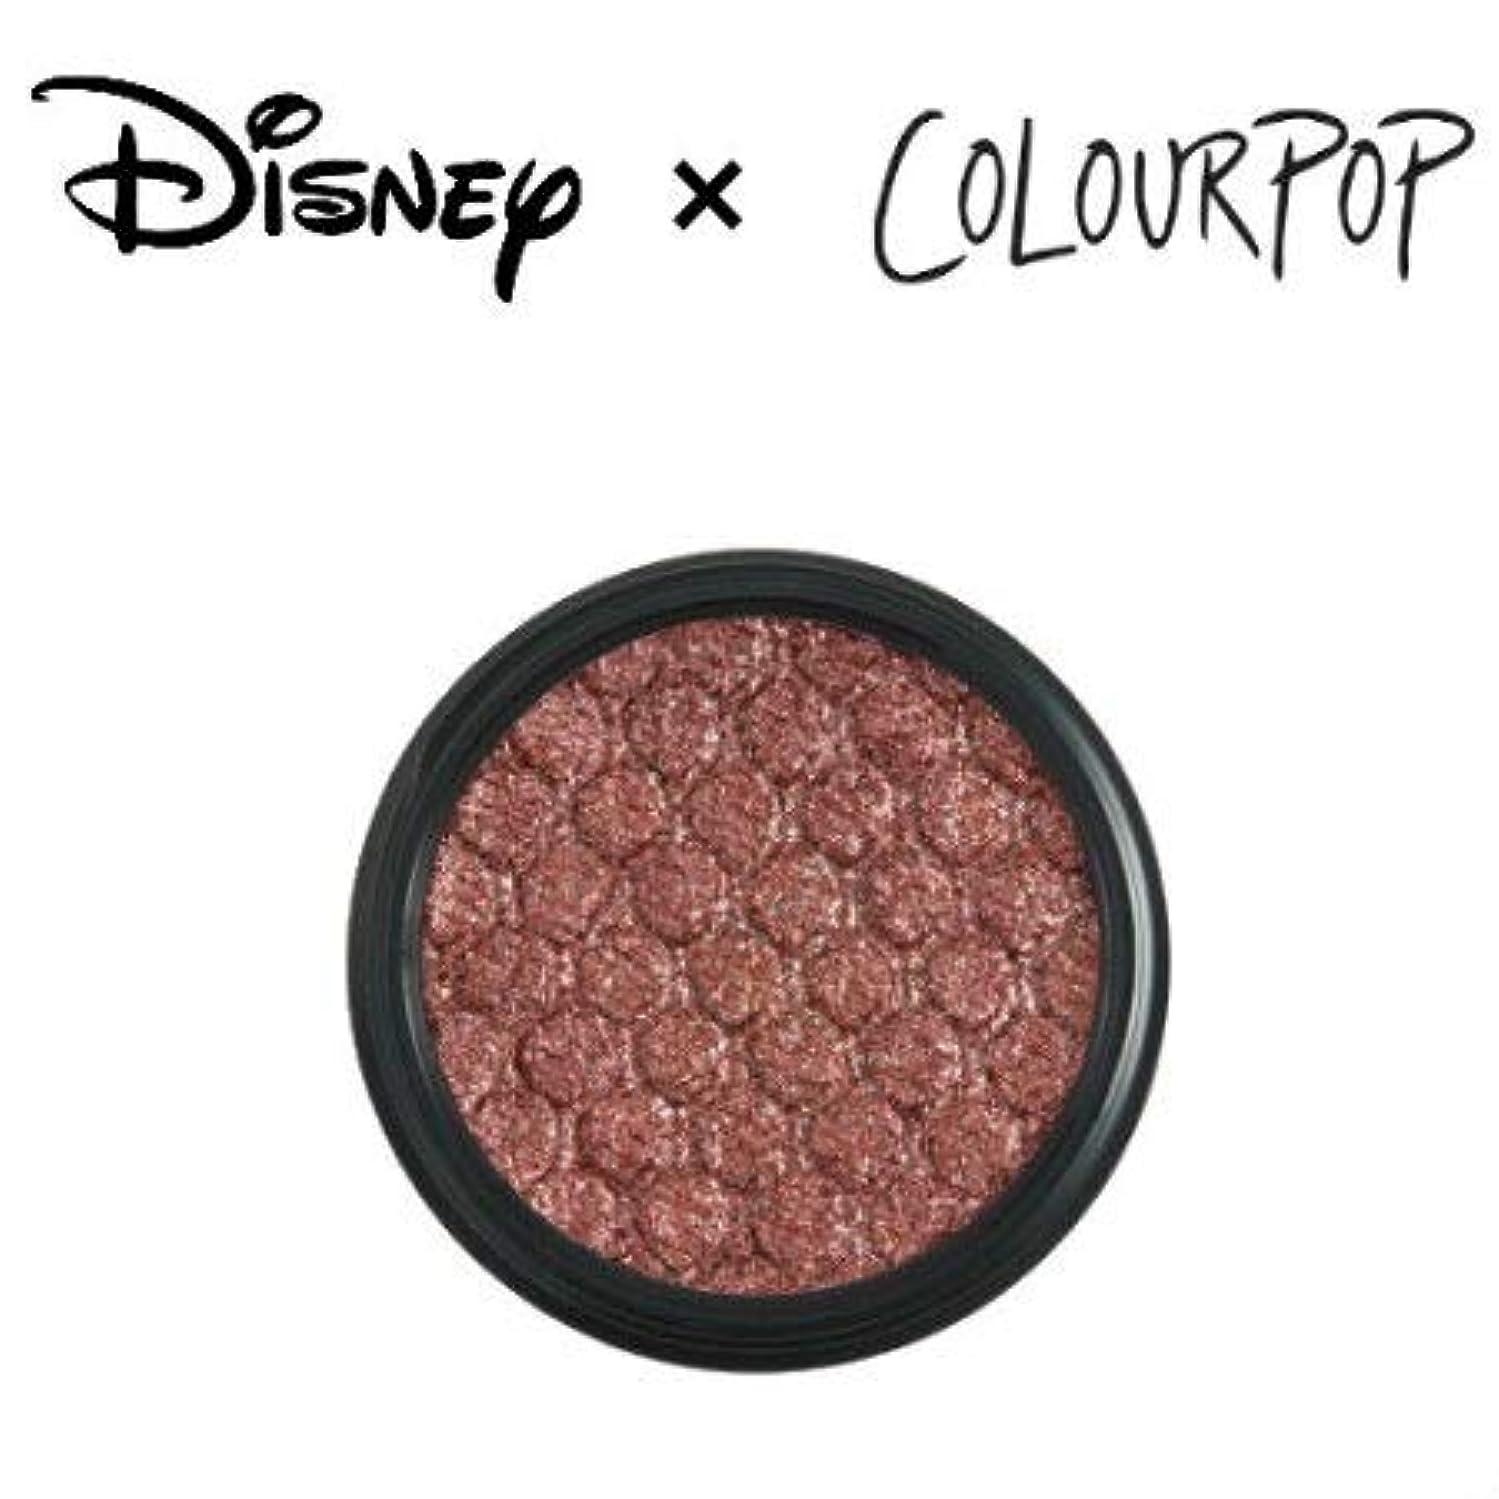 変な検出可能変化するカラーポップ COLOURPOP x DISNEY ディズニー プリンセス アイシャドウ ALMOST THERE(ディープブロンズ)